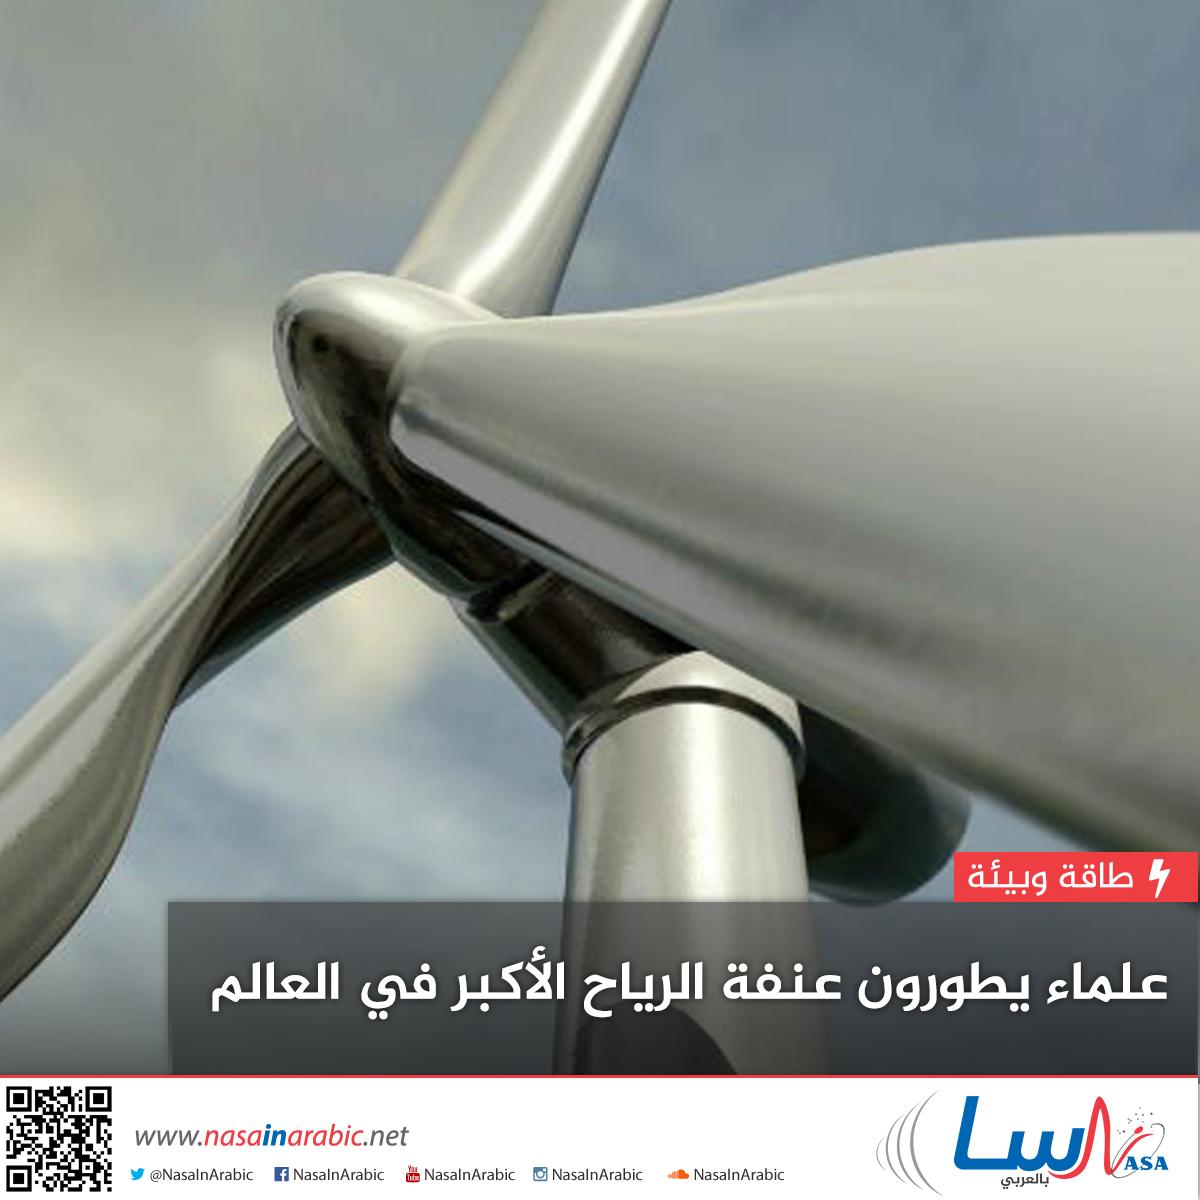 علماء يطورون عنفة الرياح الأكبر في العالم